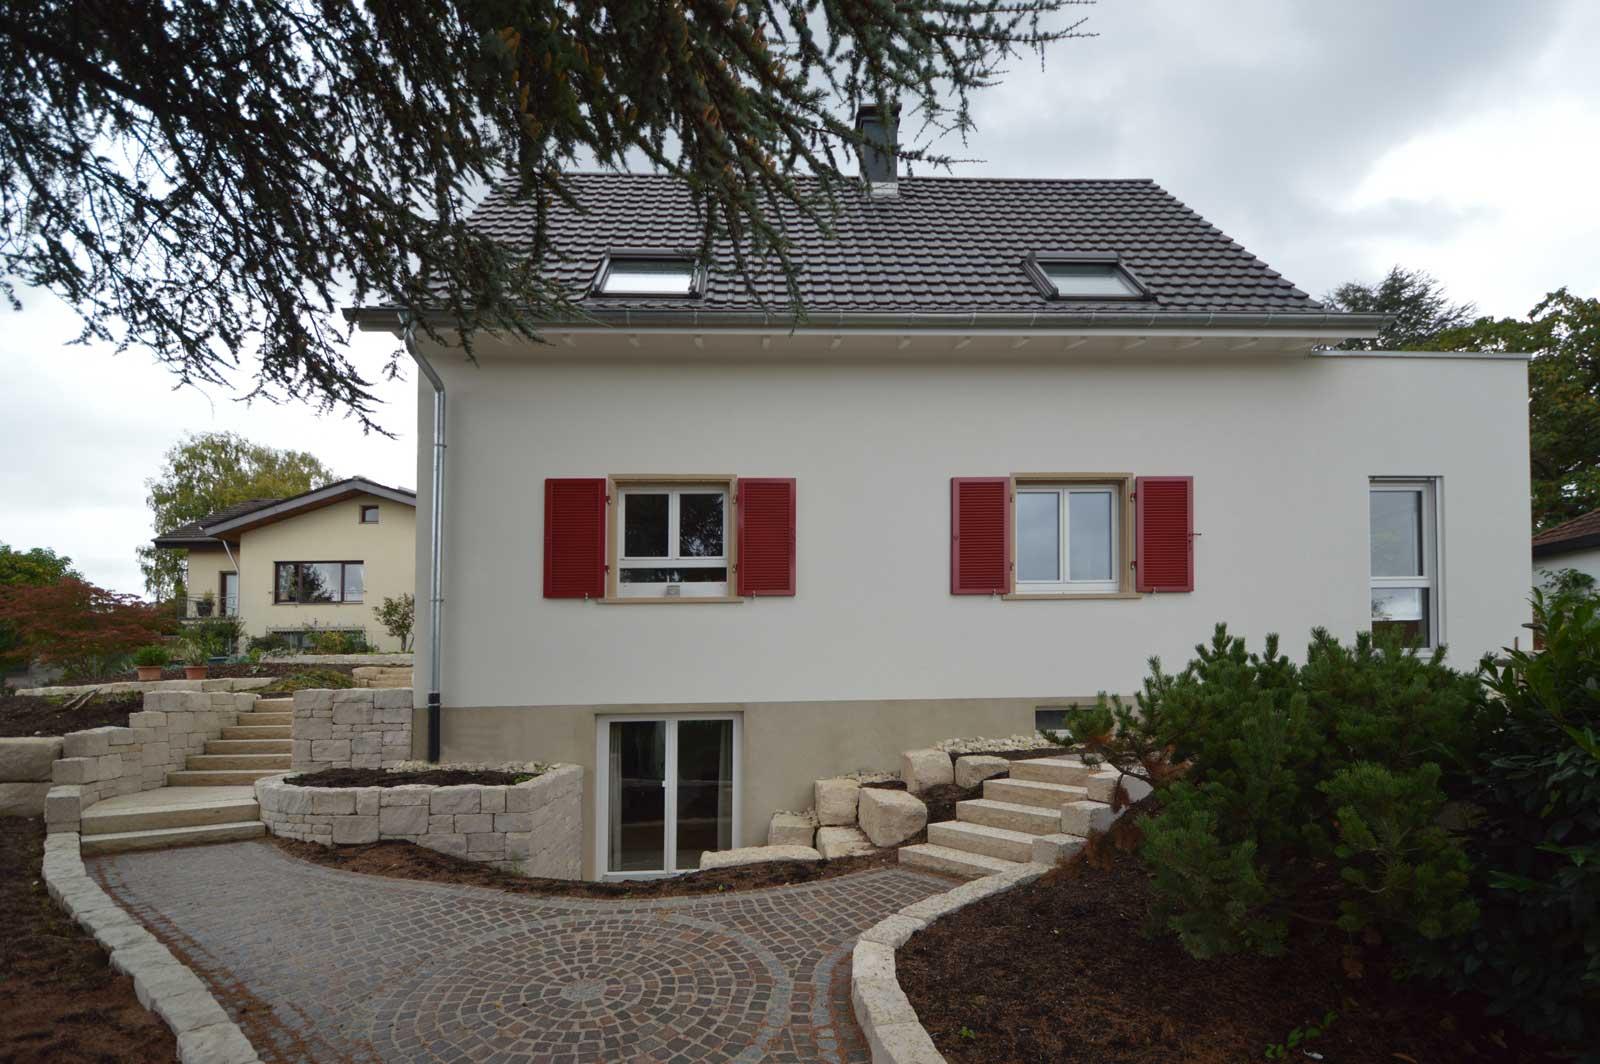 Umbau einfamilienhaus mit doppelgarage in weil haltingen for Einfamilienhaus mit doppelgarage